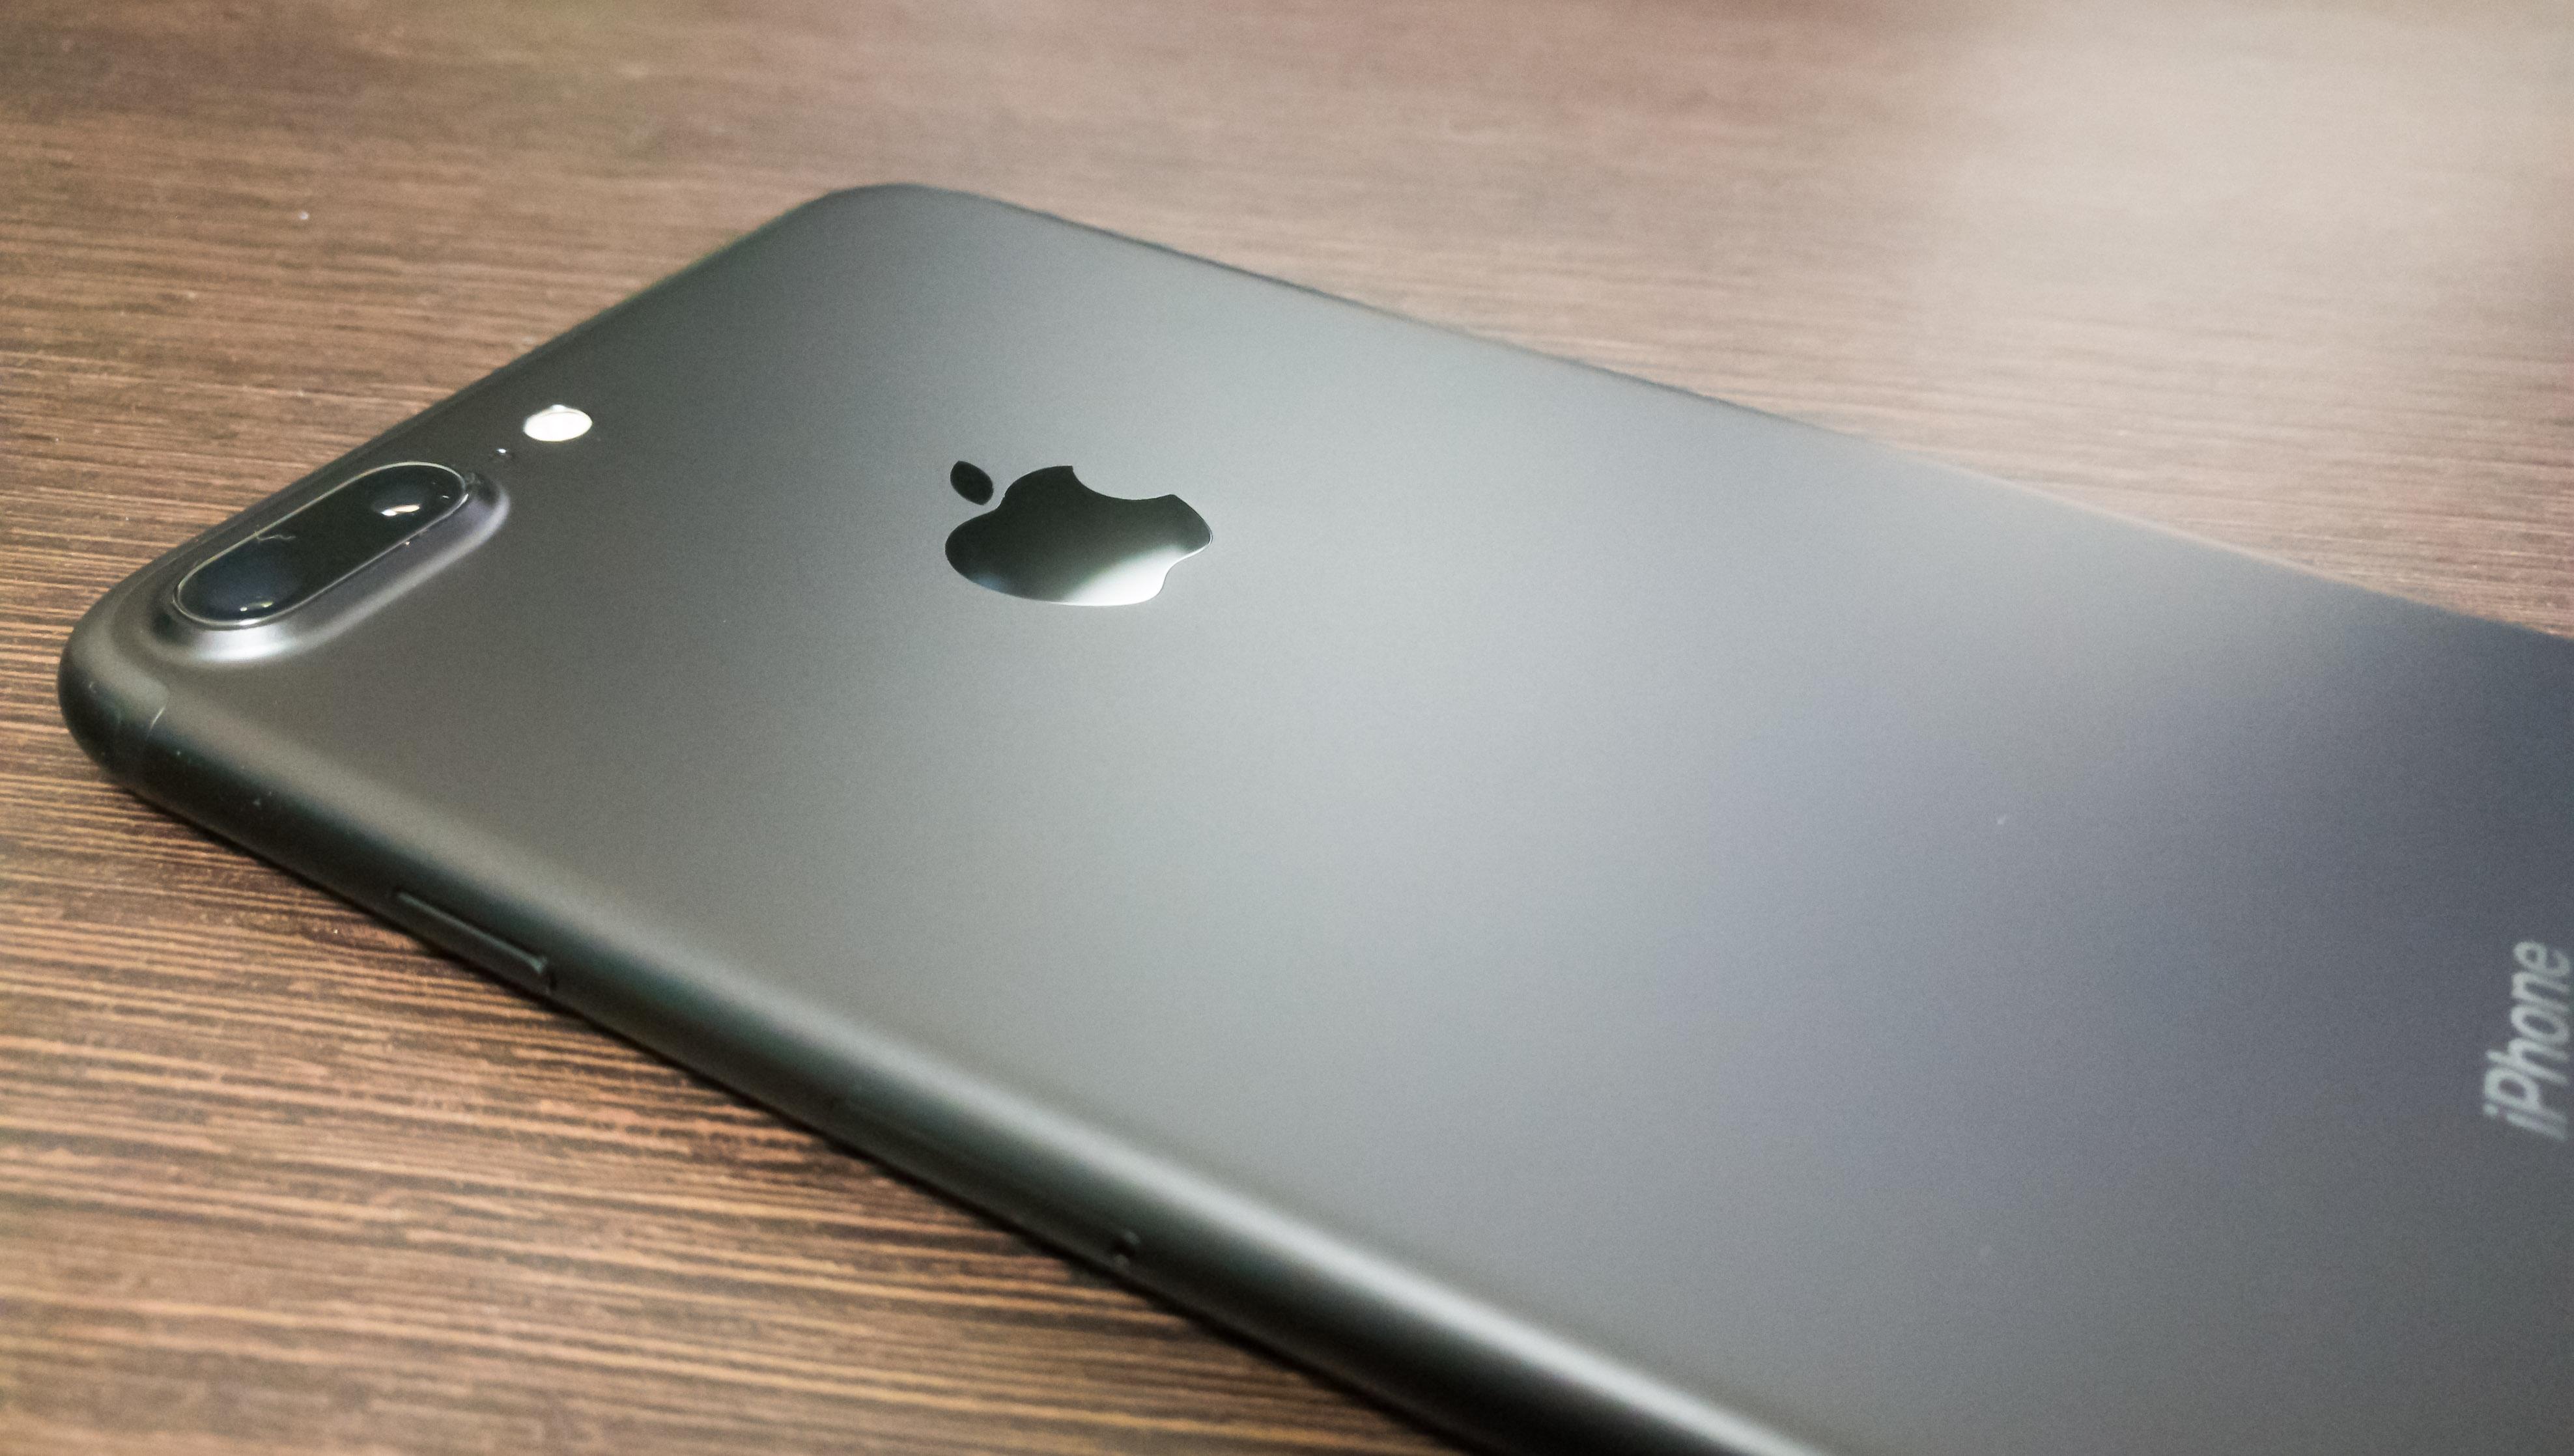 総務省指定iPhone 7 Plus入荷しました